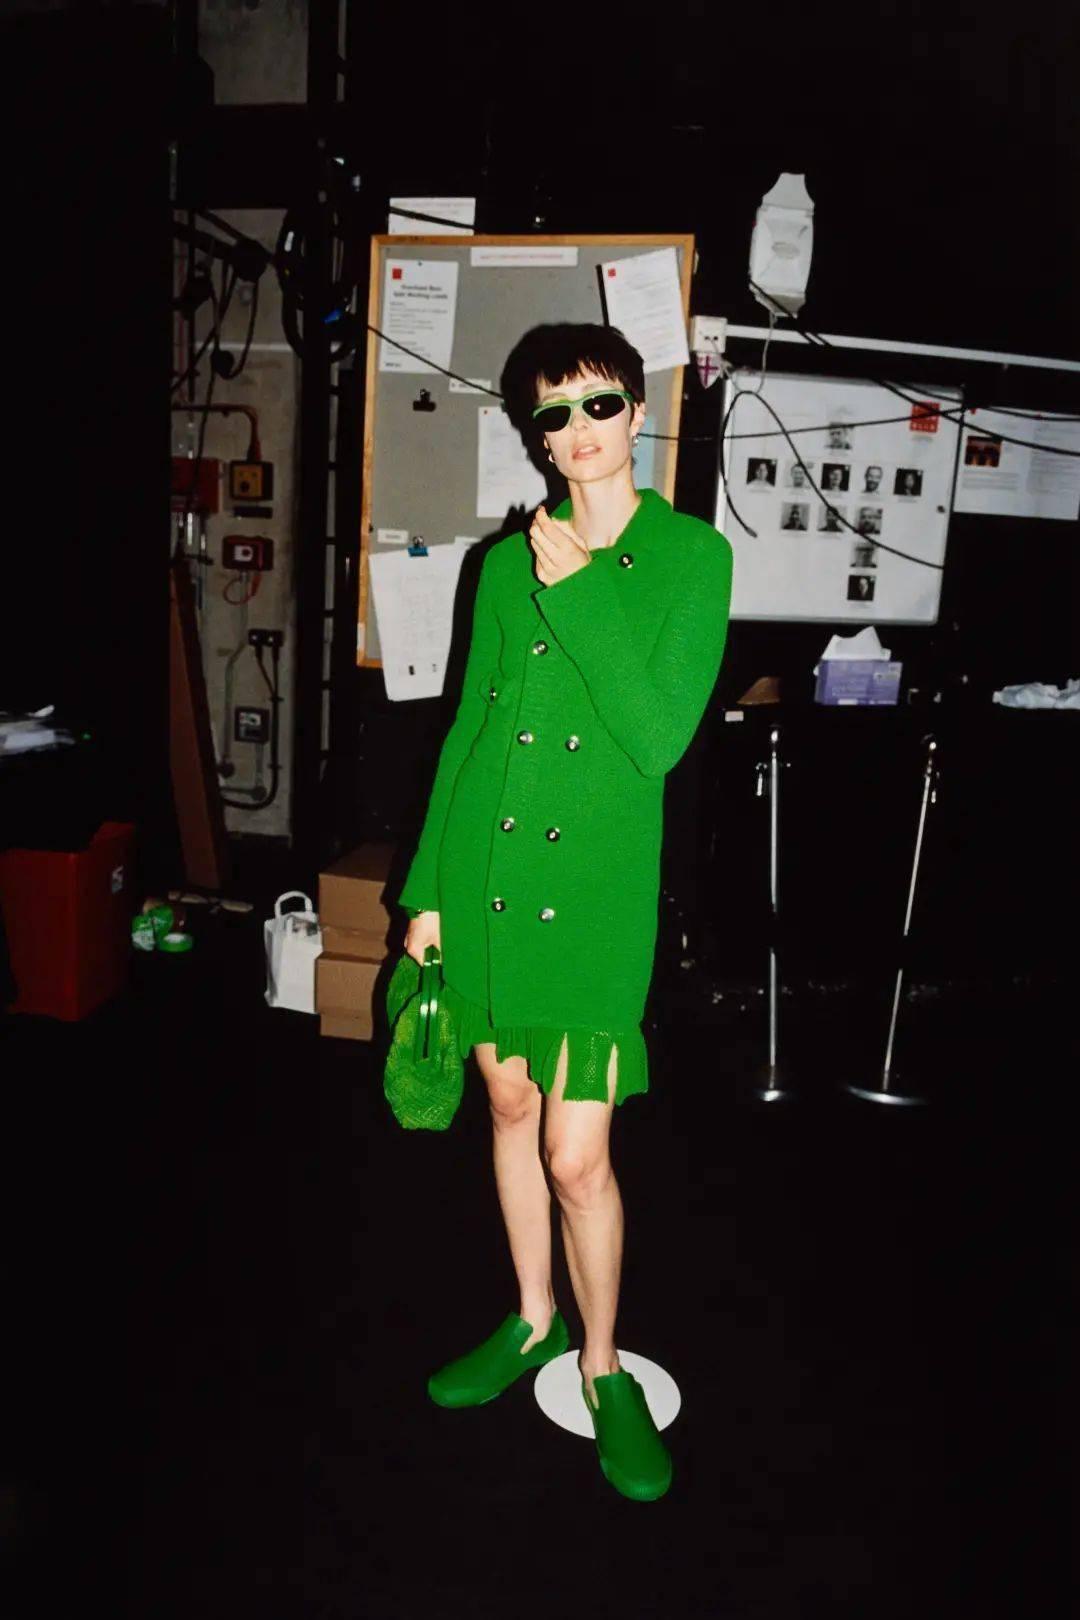 大牌都青睐的绿色,这样穿才好看~